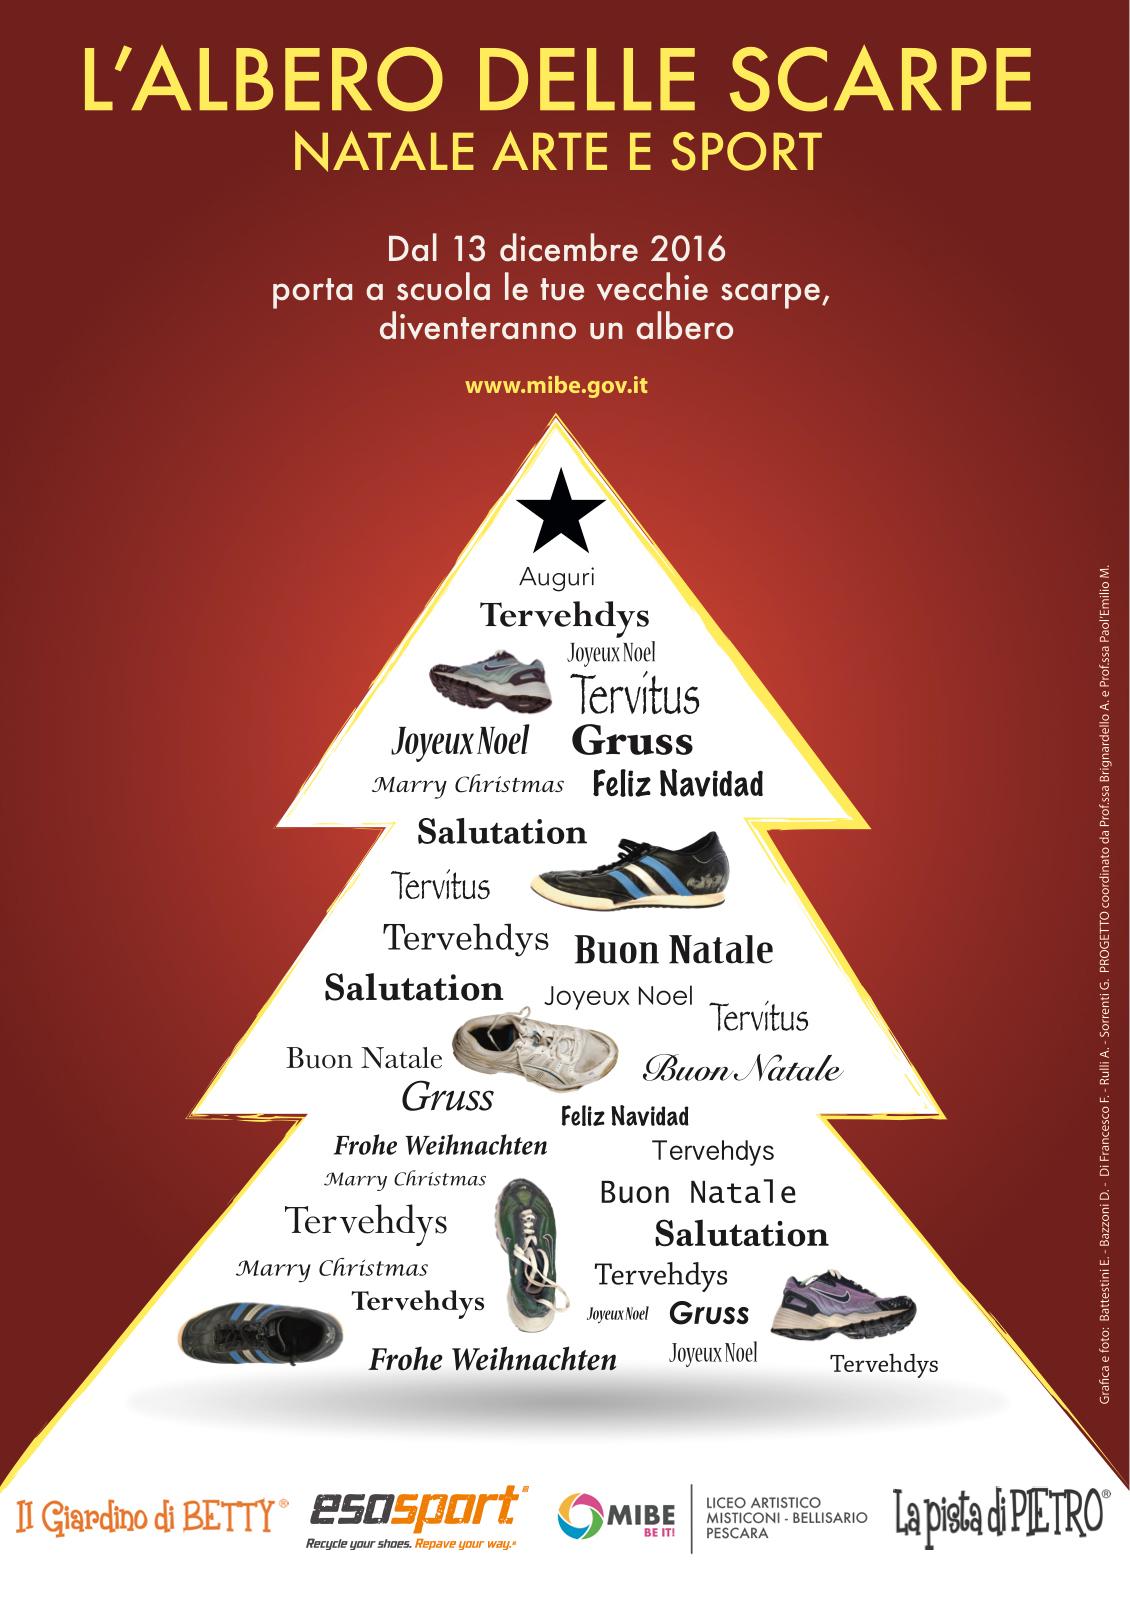 albero delle scarpe esosport